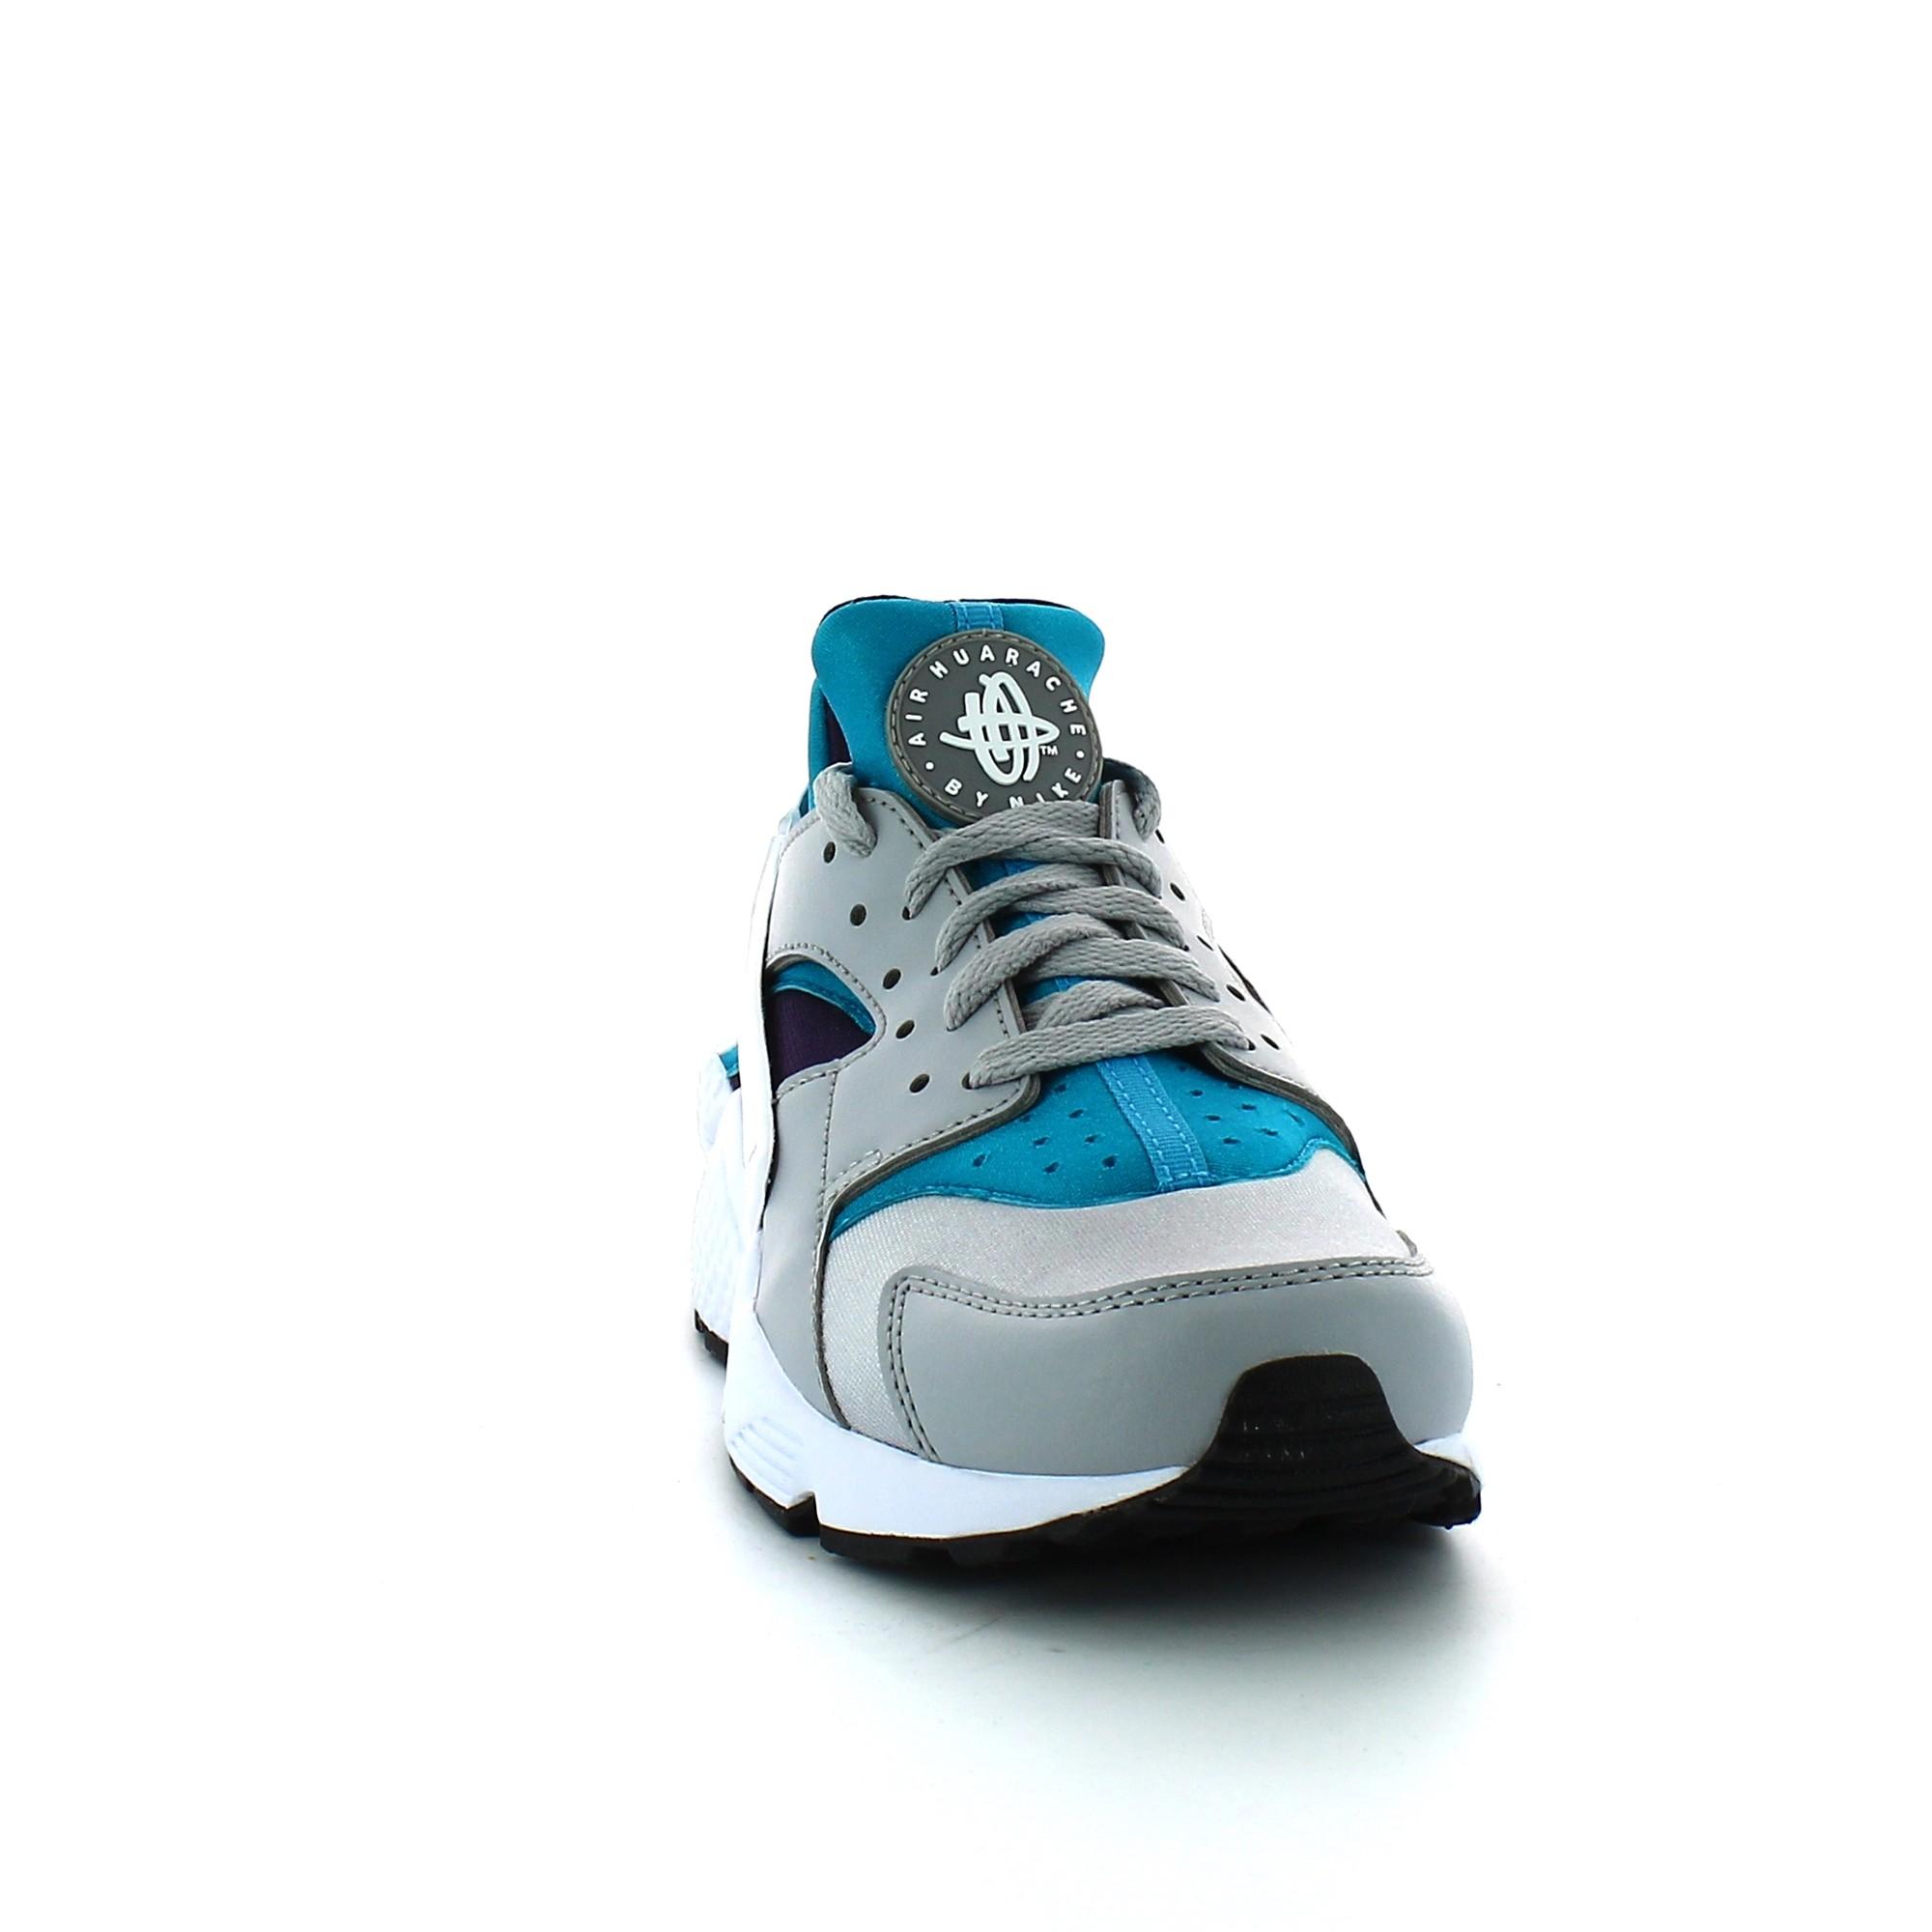 Zapatillas Nike Air Huarache Gris Turquesa Hombre Deportes